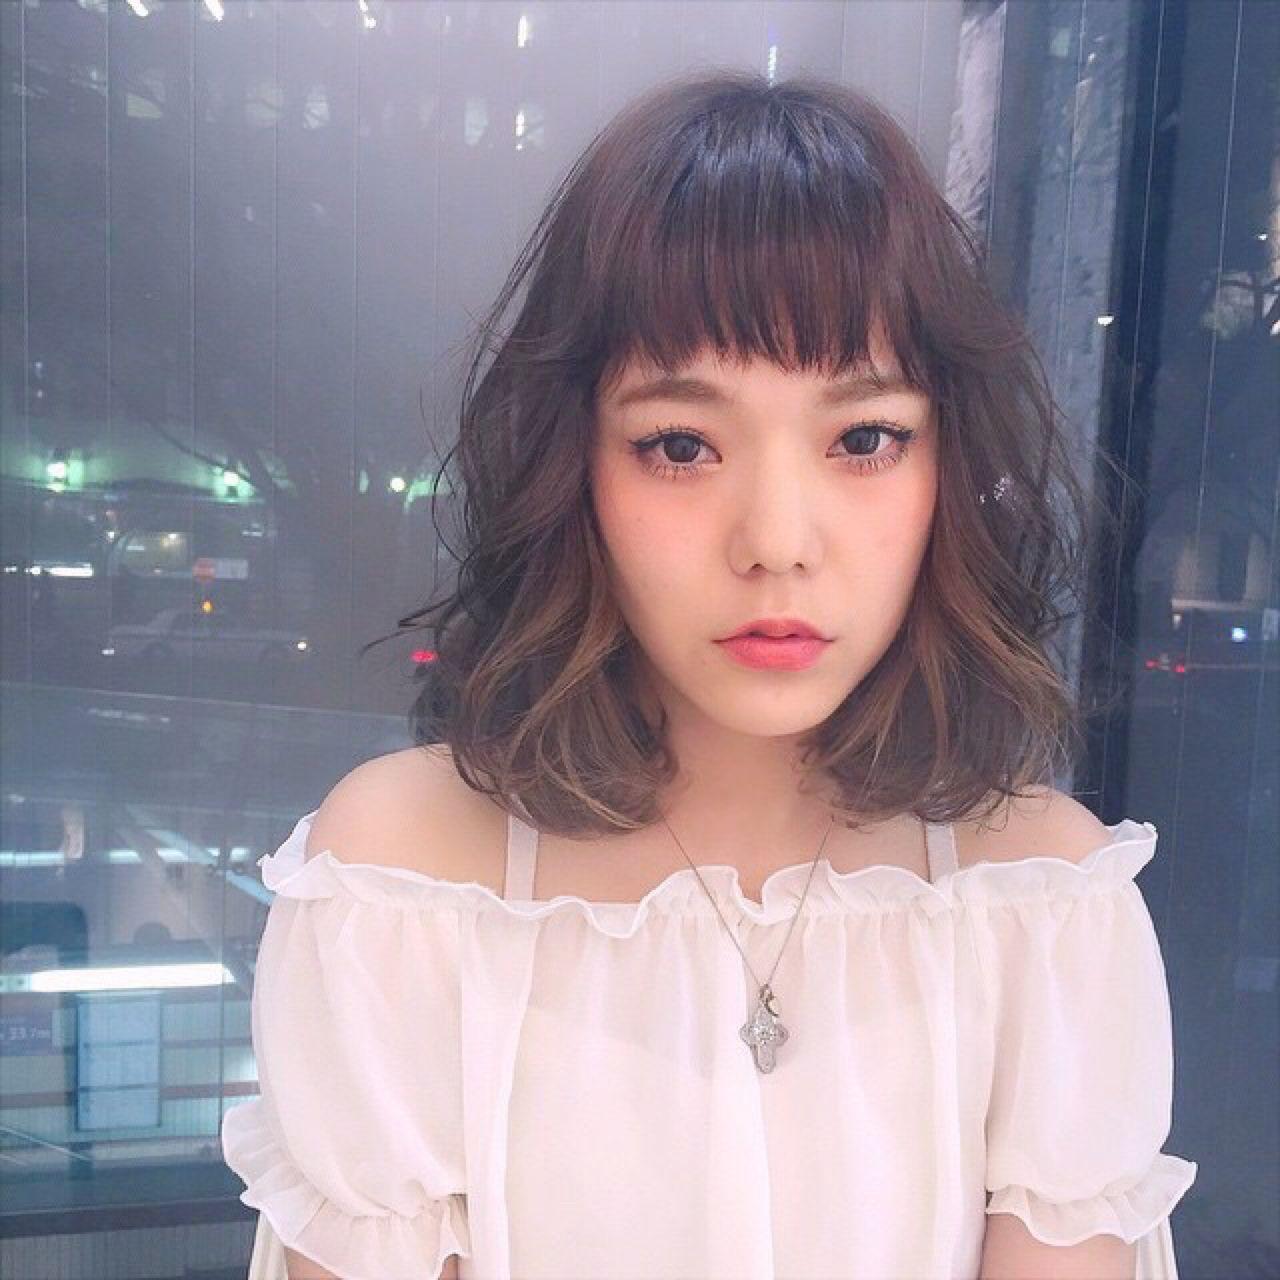 ふわふわ女子になりたい子、集まれ!!愛され女子はみーーんな天使の羽根を持っている?! 長澤 メイ